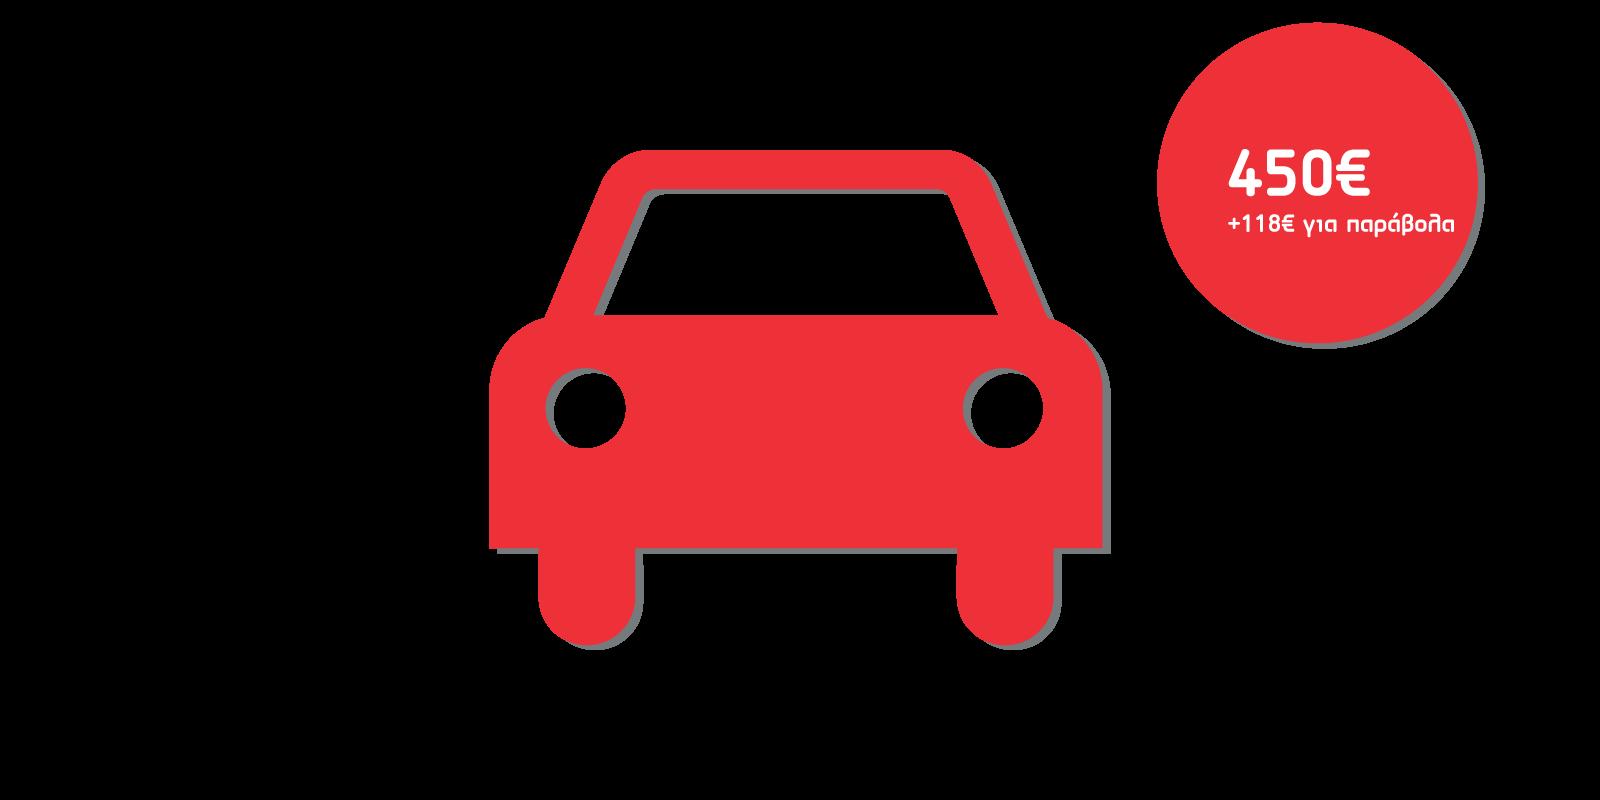 Δίπλωμα αυτοκινήτου 450€ (Αρχικό)